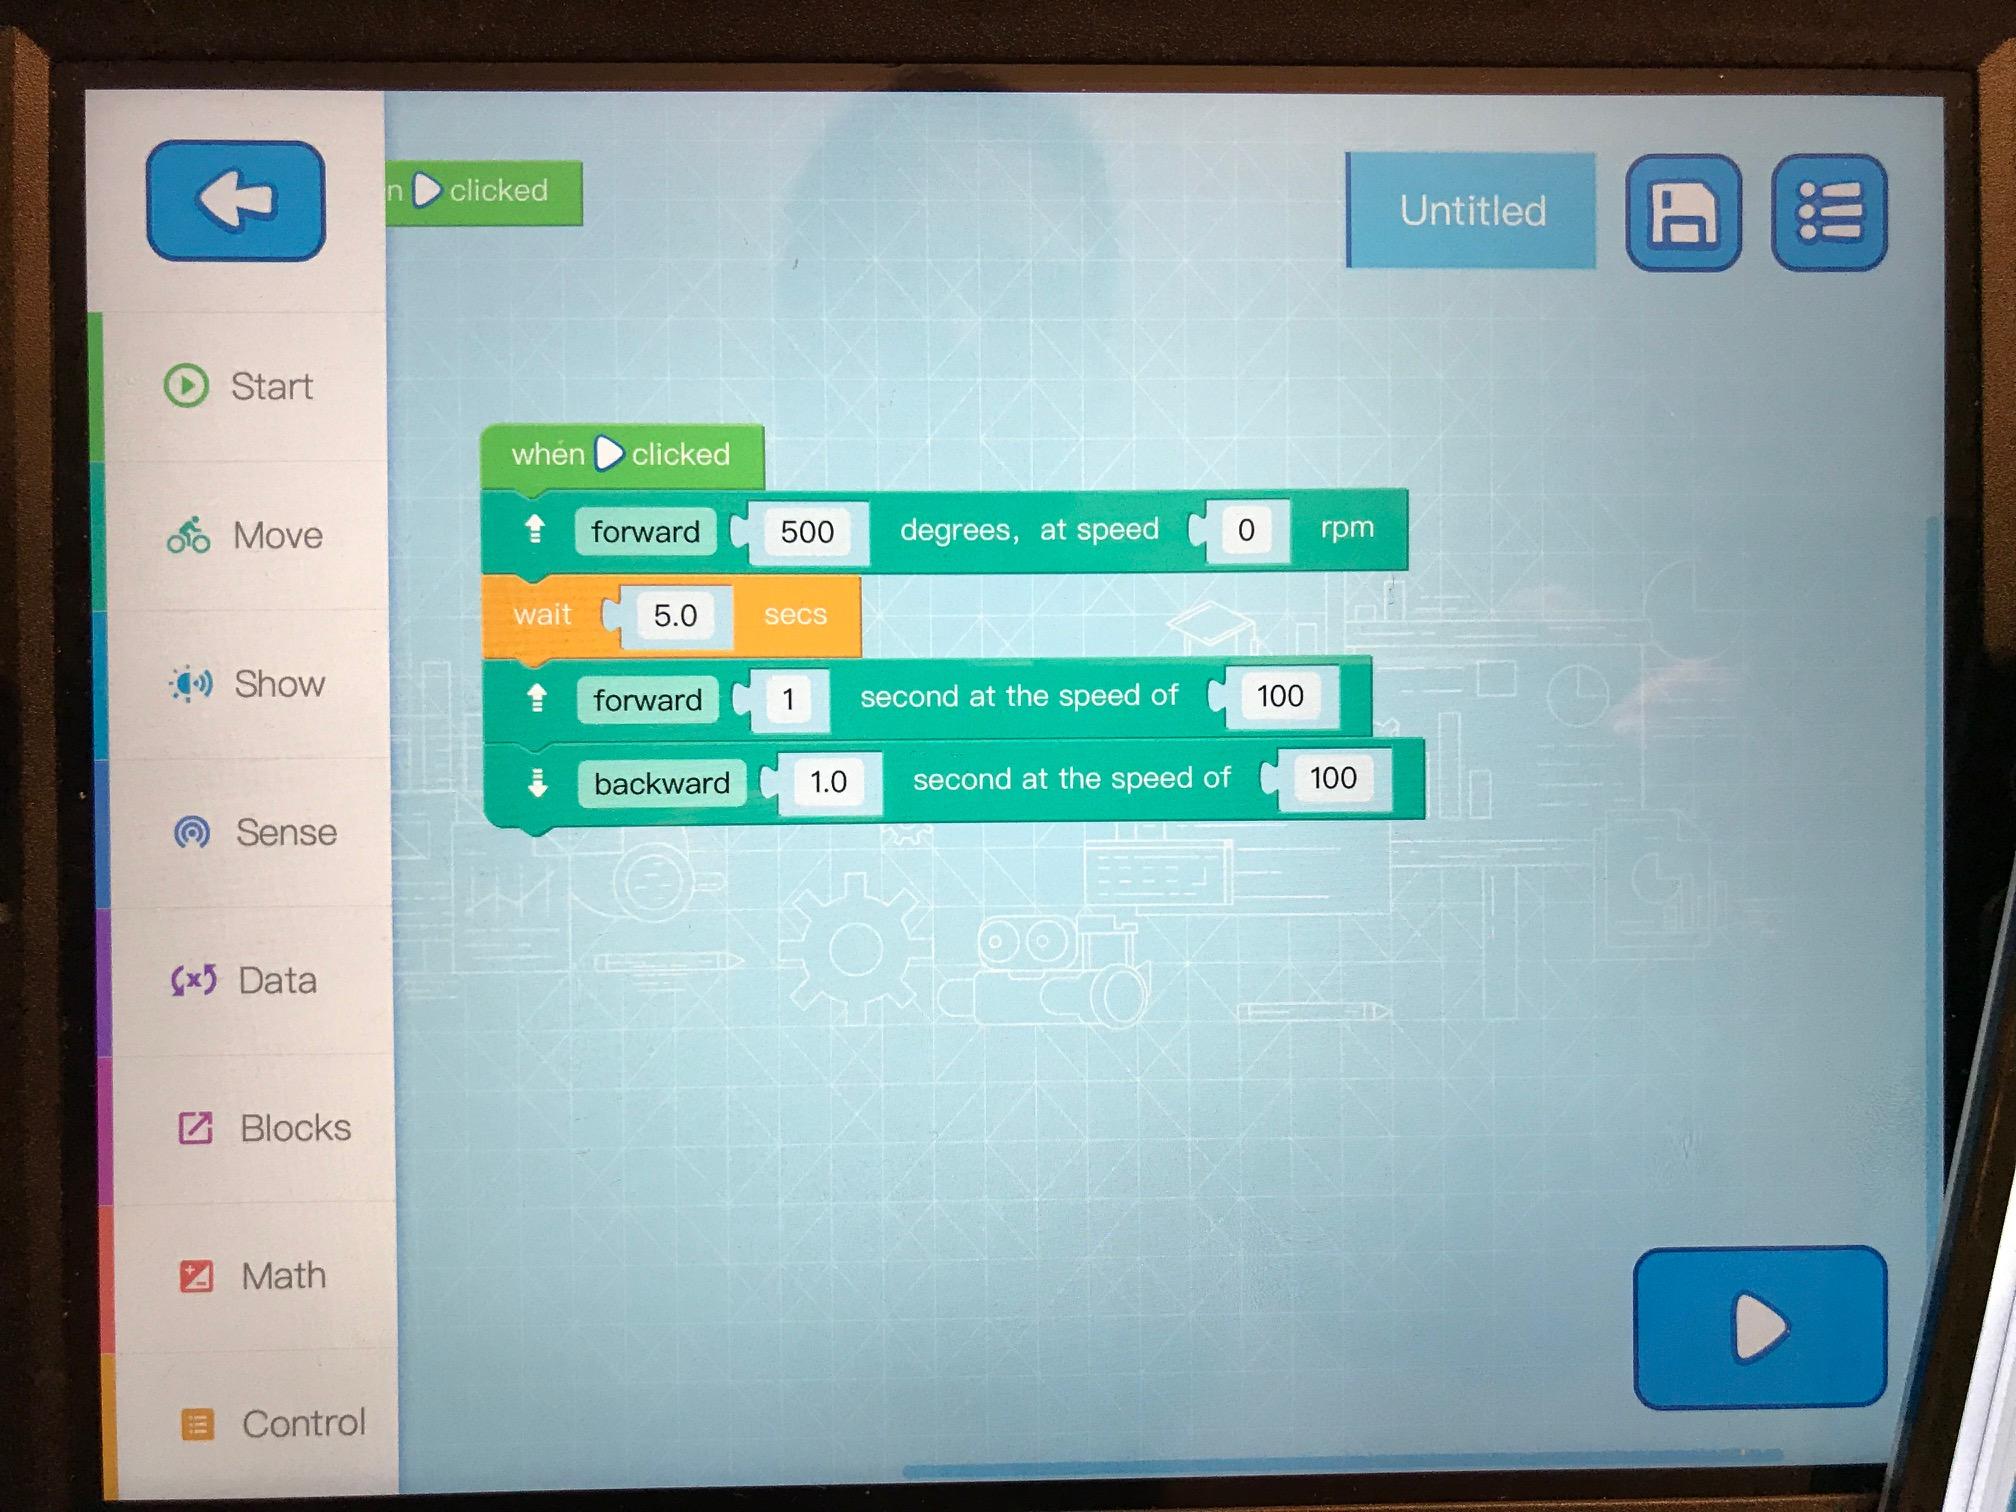 Mbot Ranger Not Responding Over Bluetooth In Mblock Or App Li Polymer Battery Img 25502016x1512 600 Kb